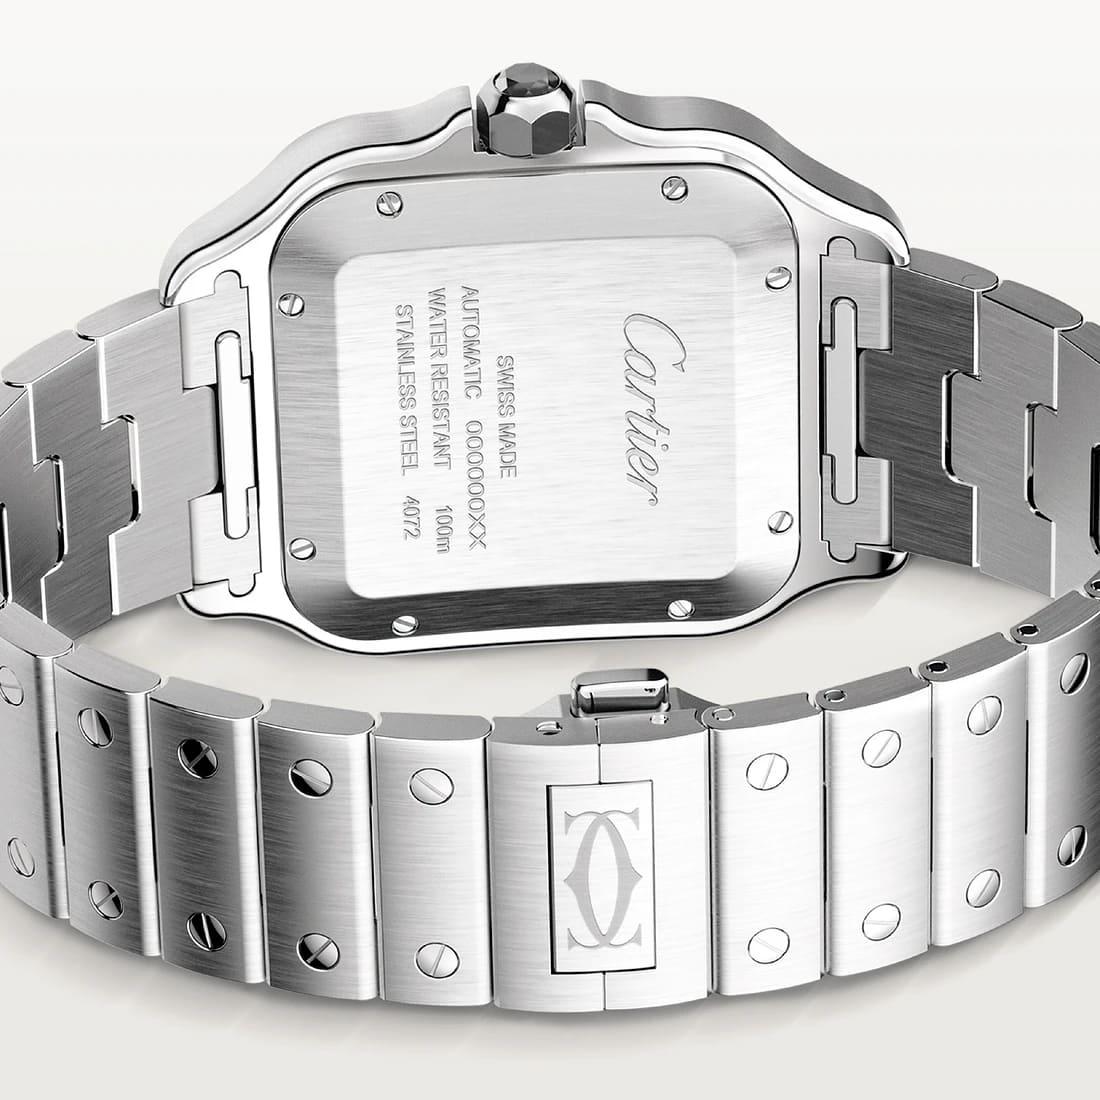 Santos de Cartier Armband & Gehaeuseboden